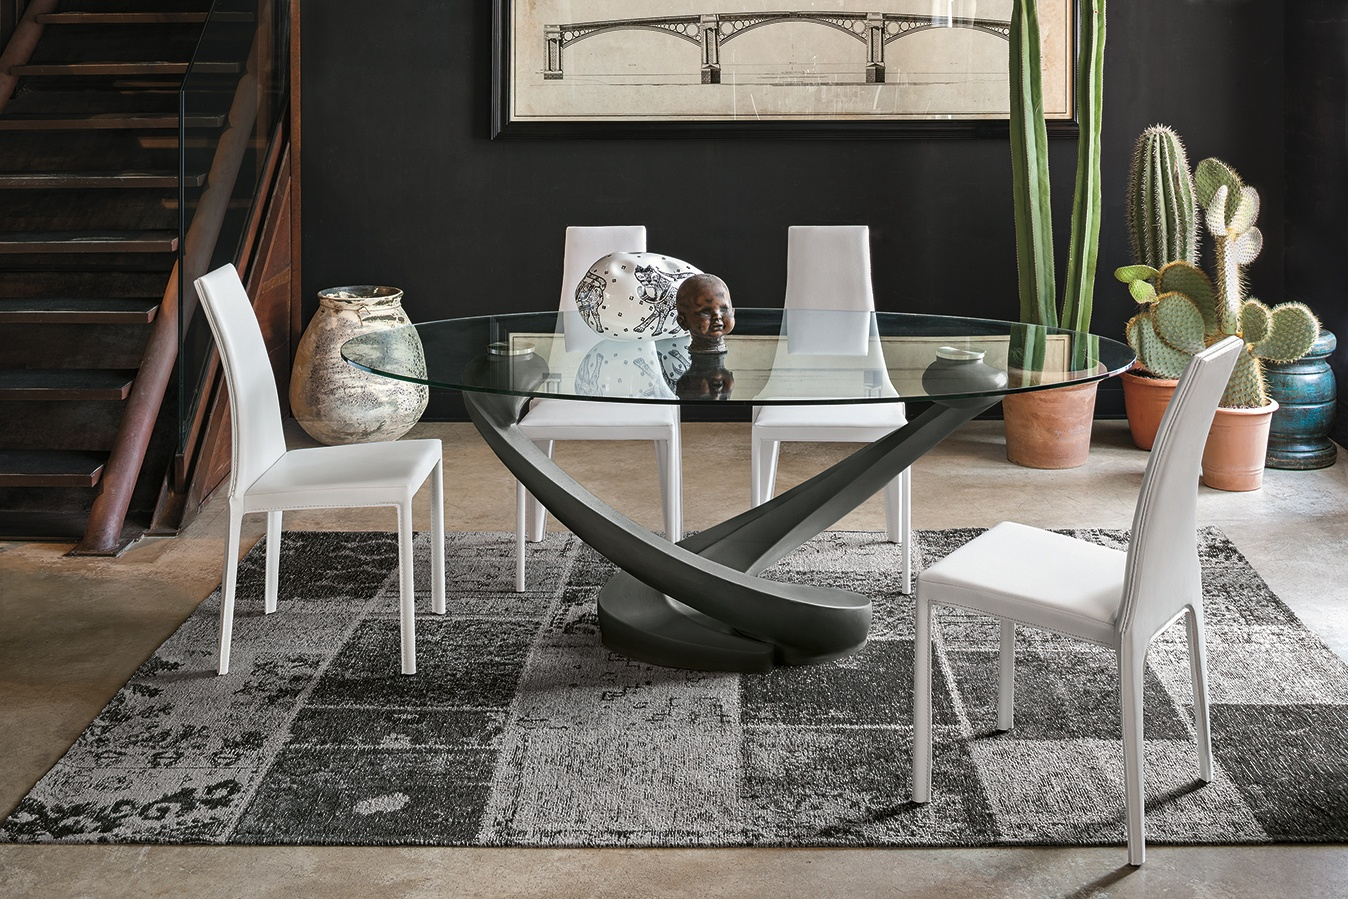 Tango étkezőasztal - myhome prémium bútor